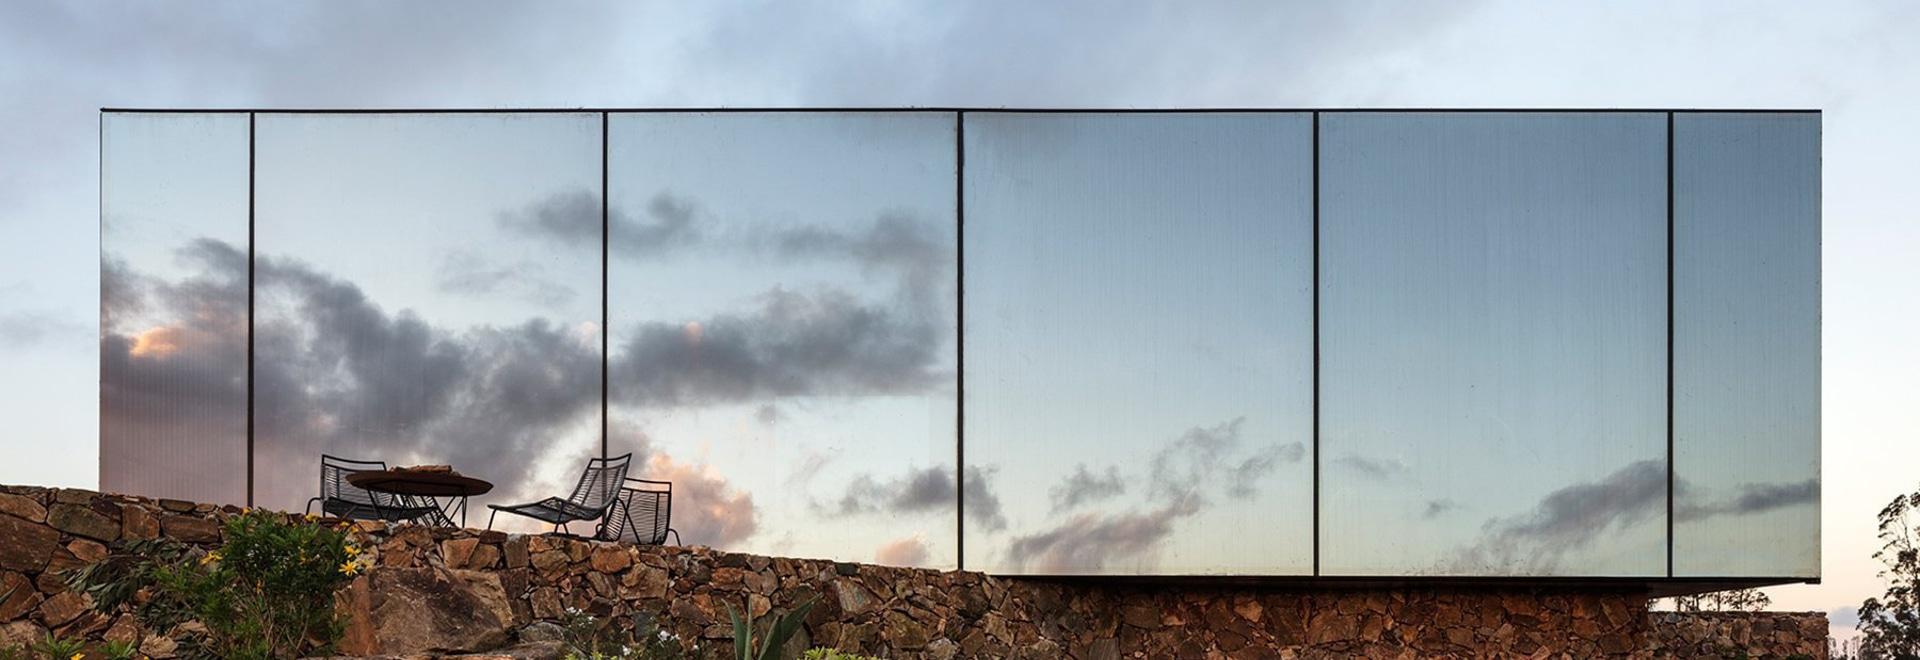 MAPA disperse les cabines personnelles d'hôtel à travers les vignobles de sacromonte de l'Uruguay